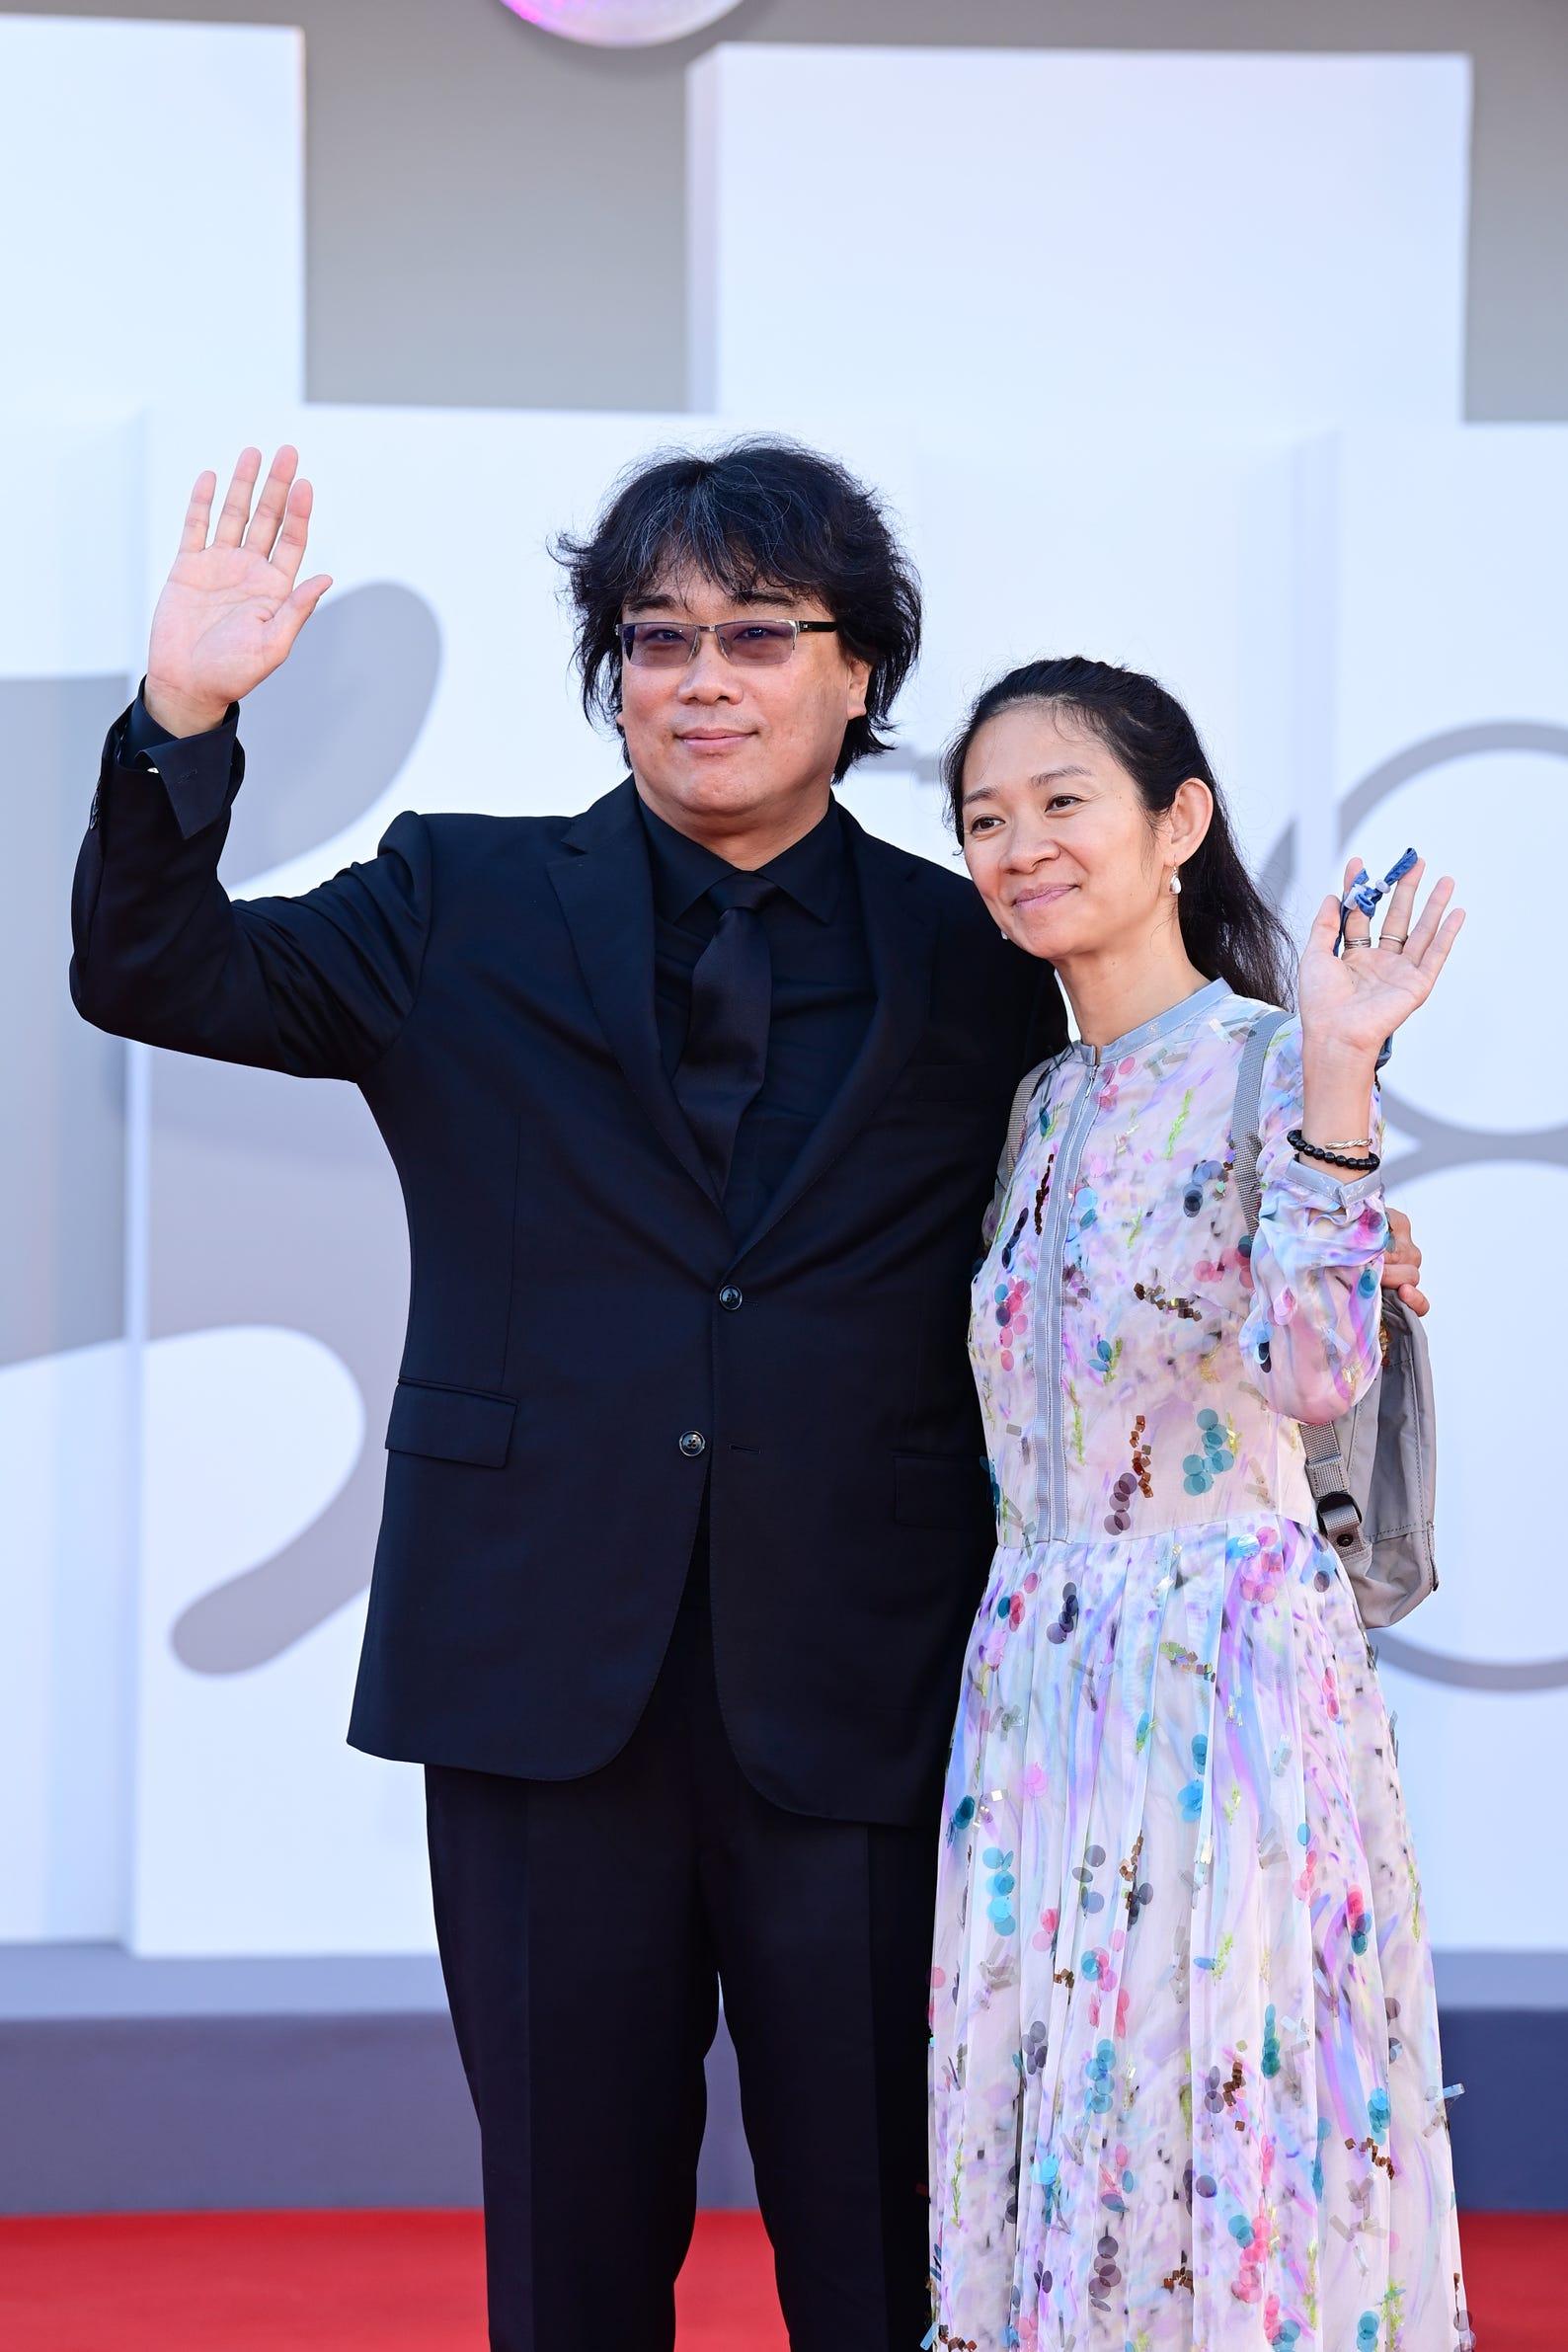 Đạo diễn Bong Joon Ho và đạo diễn Chloé Zhao tại thảm đỏ ngày đầu tiên.